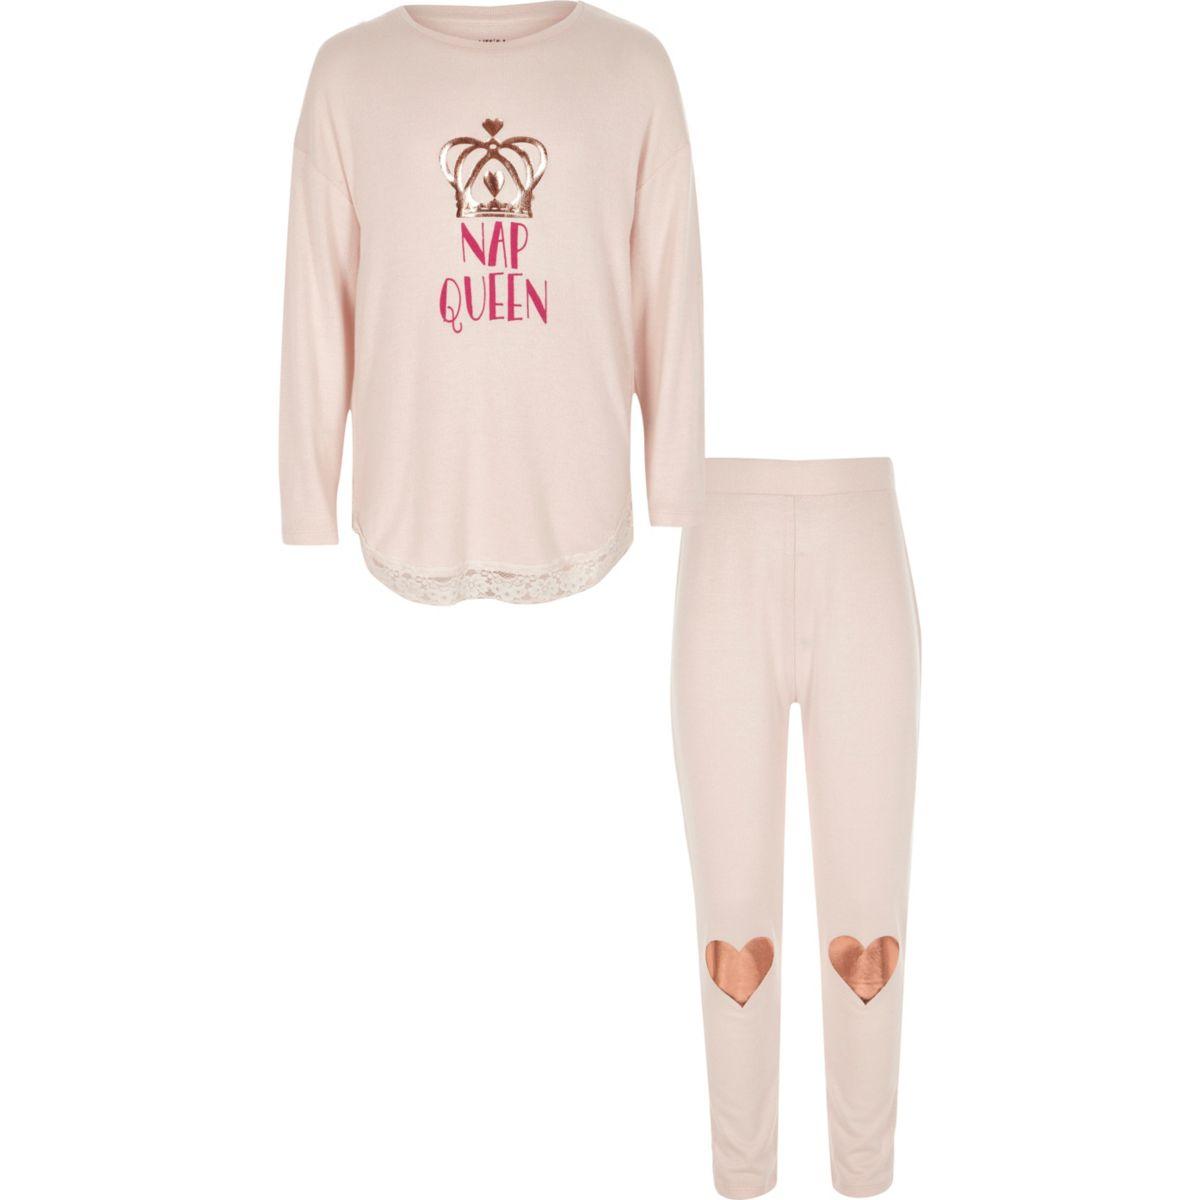 Lichtroze 'nap queen' pyjamaset voor meisjes